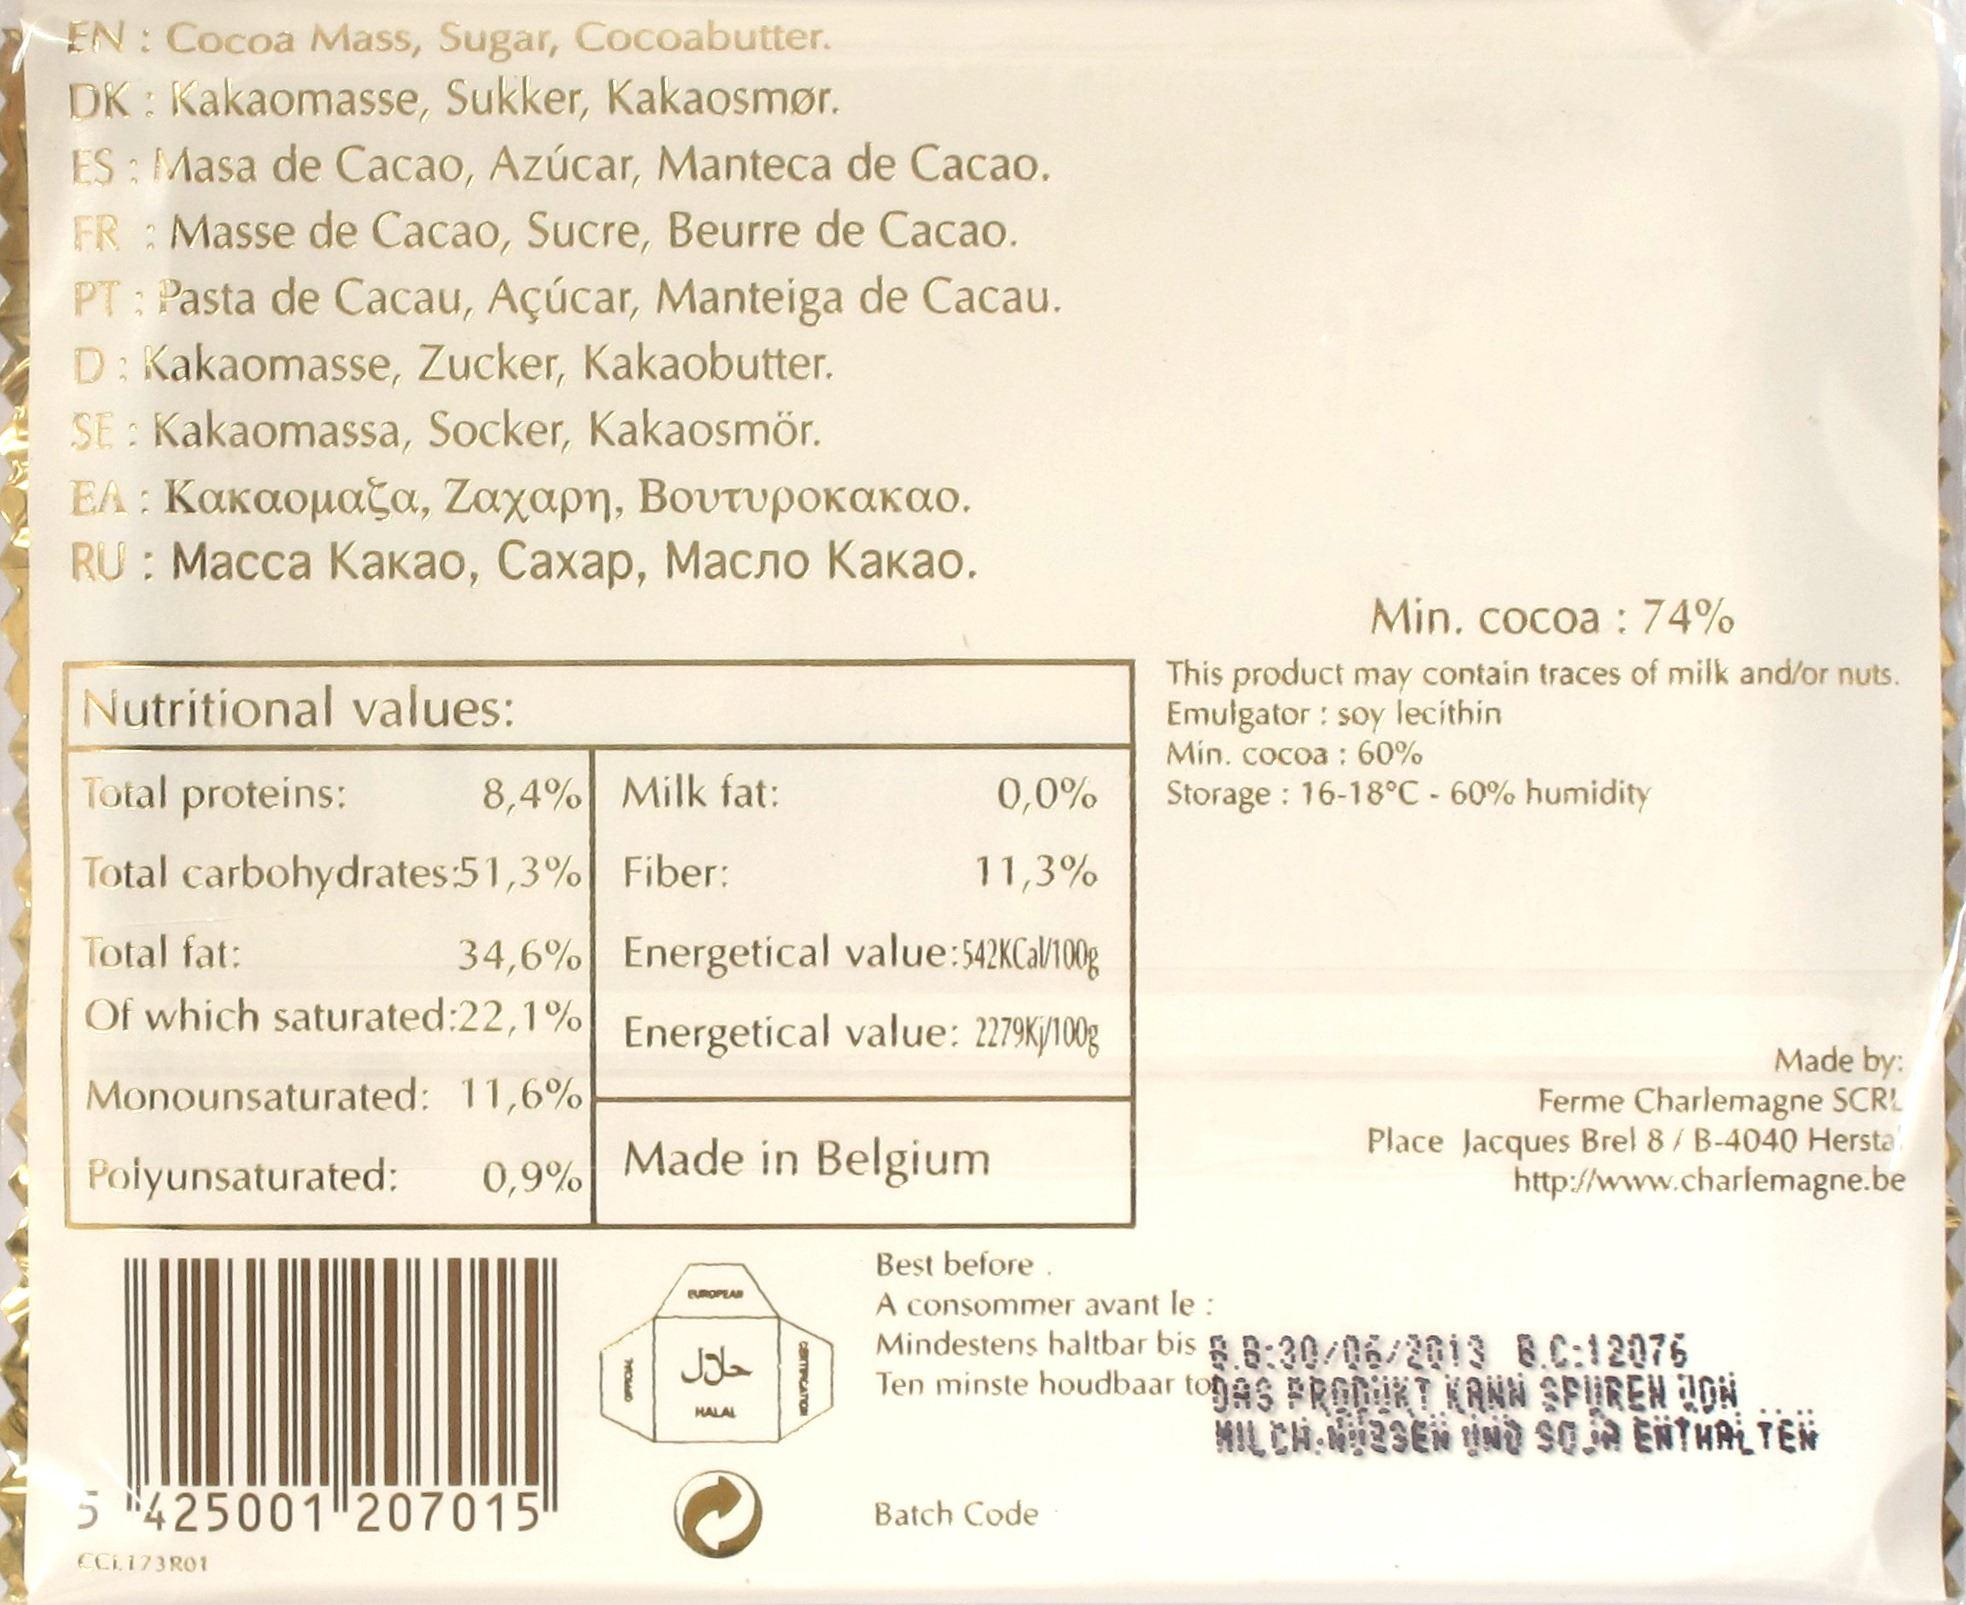 Packungsrückseite Scharlemagne Schokolade Bitter